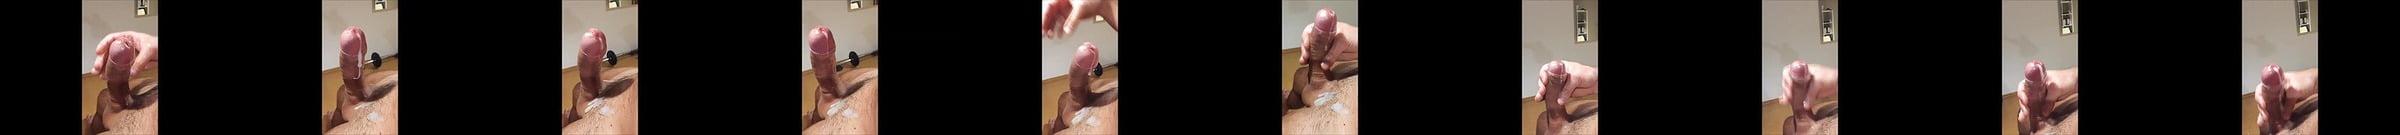 Spermaschleuder